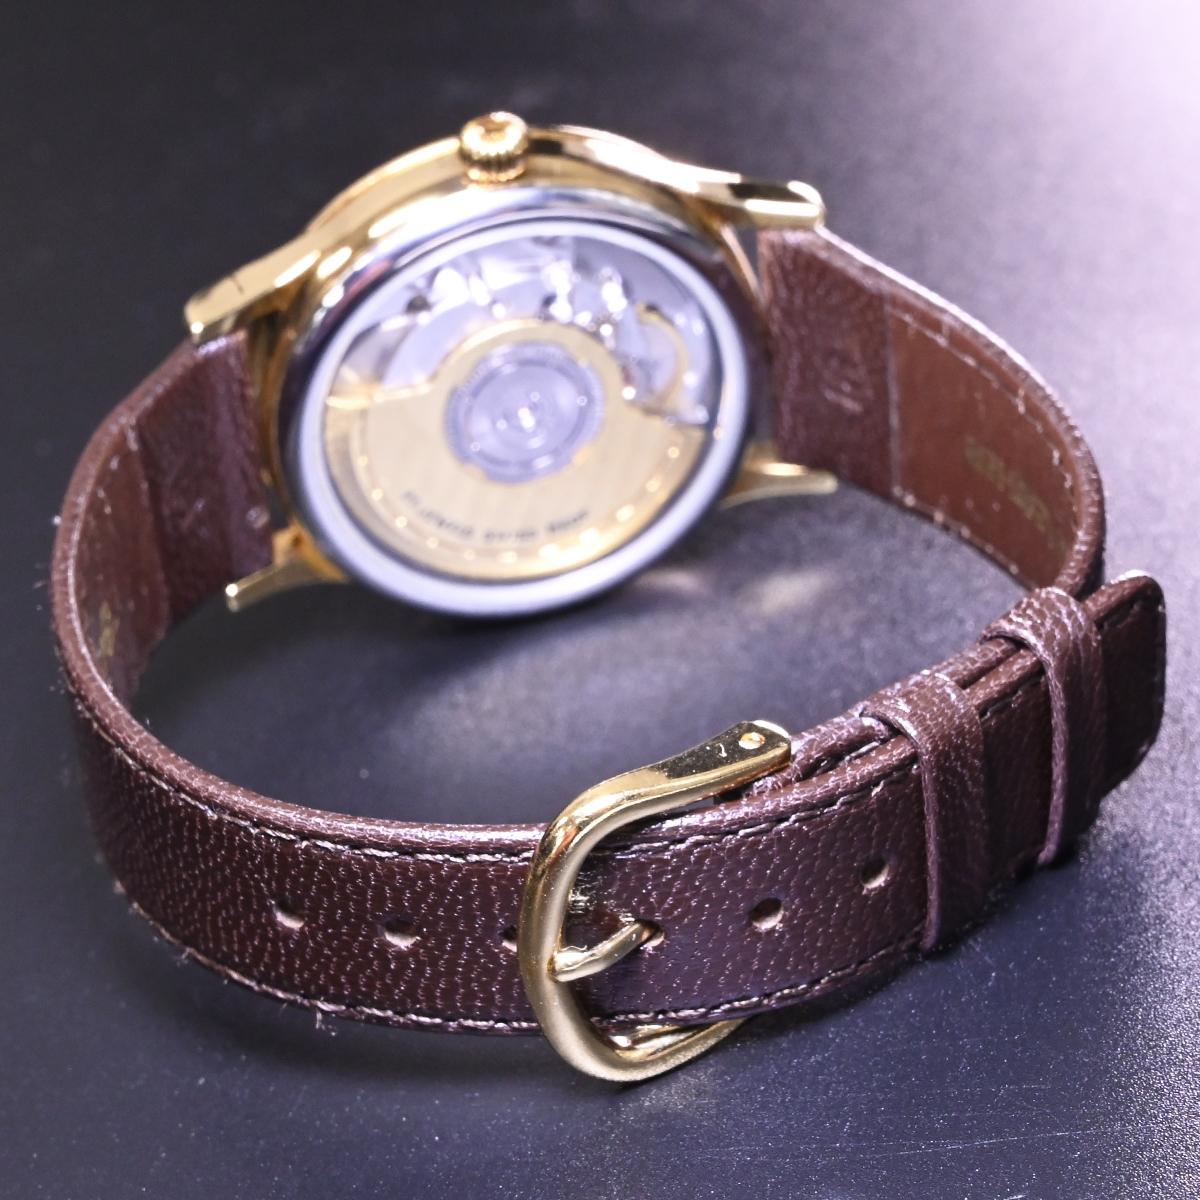 本物 極上品 英国 ガラード 極希少 独立針 レギュレーター オートマチック メンズウォッチ 裏スケ 男性用自動巻腕時計 保存箱付 GARRARD_画像7